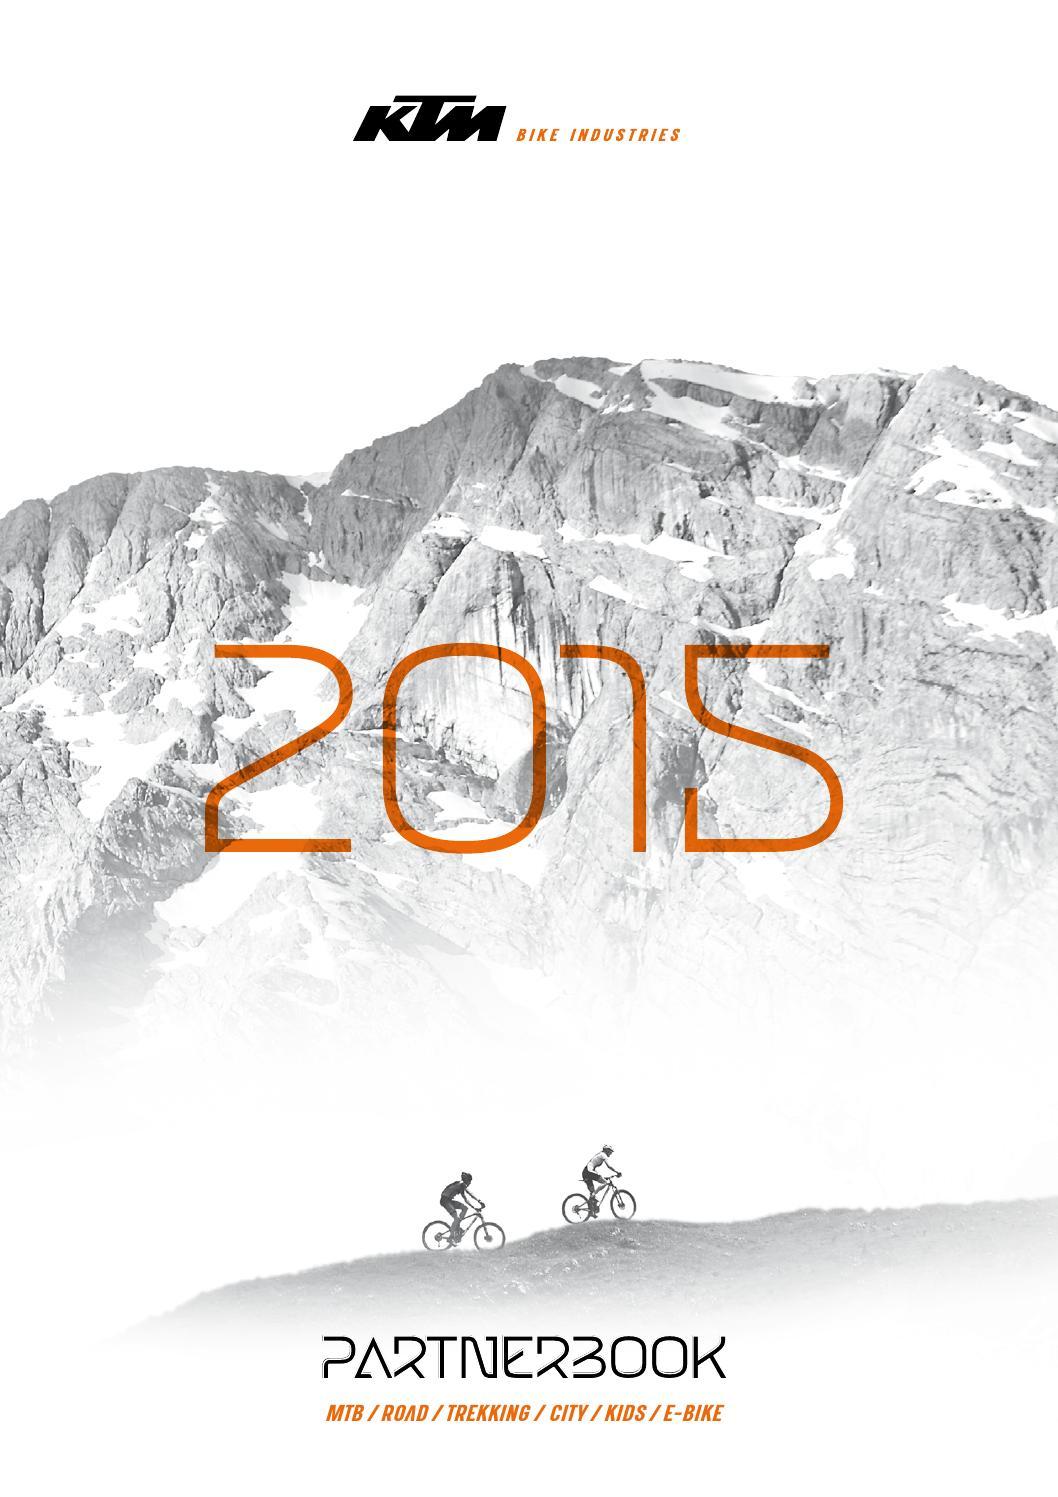 KTM Partnerbook 2015 by KTM Bike Industries - issuu